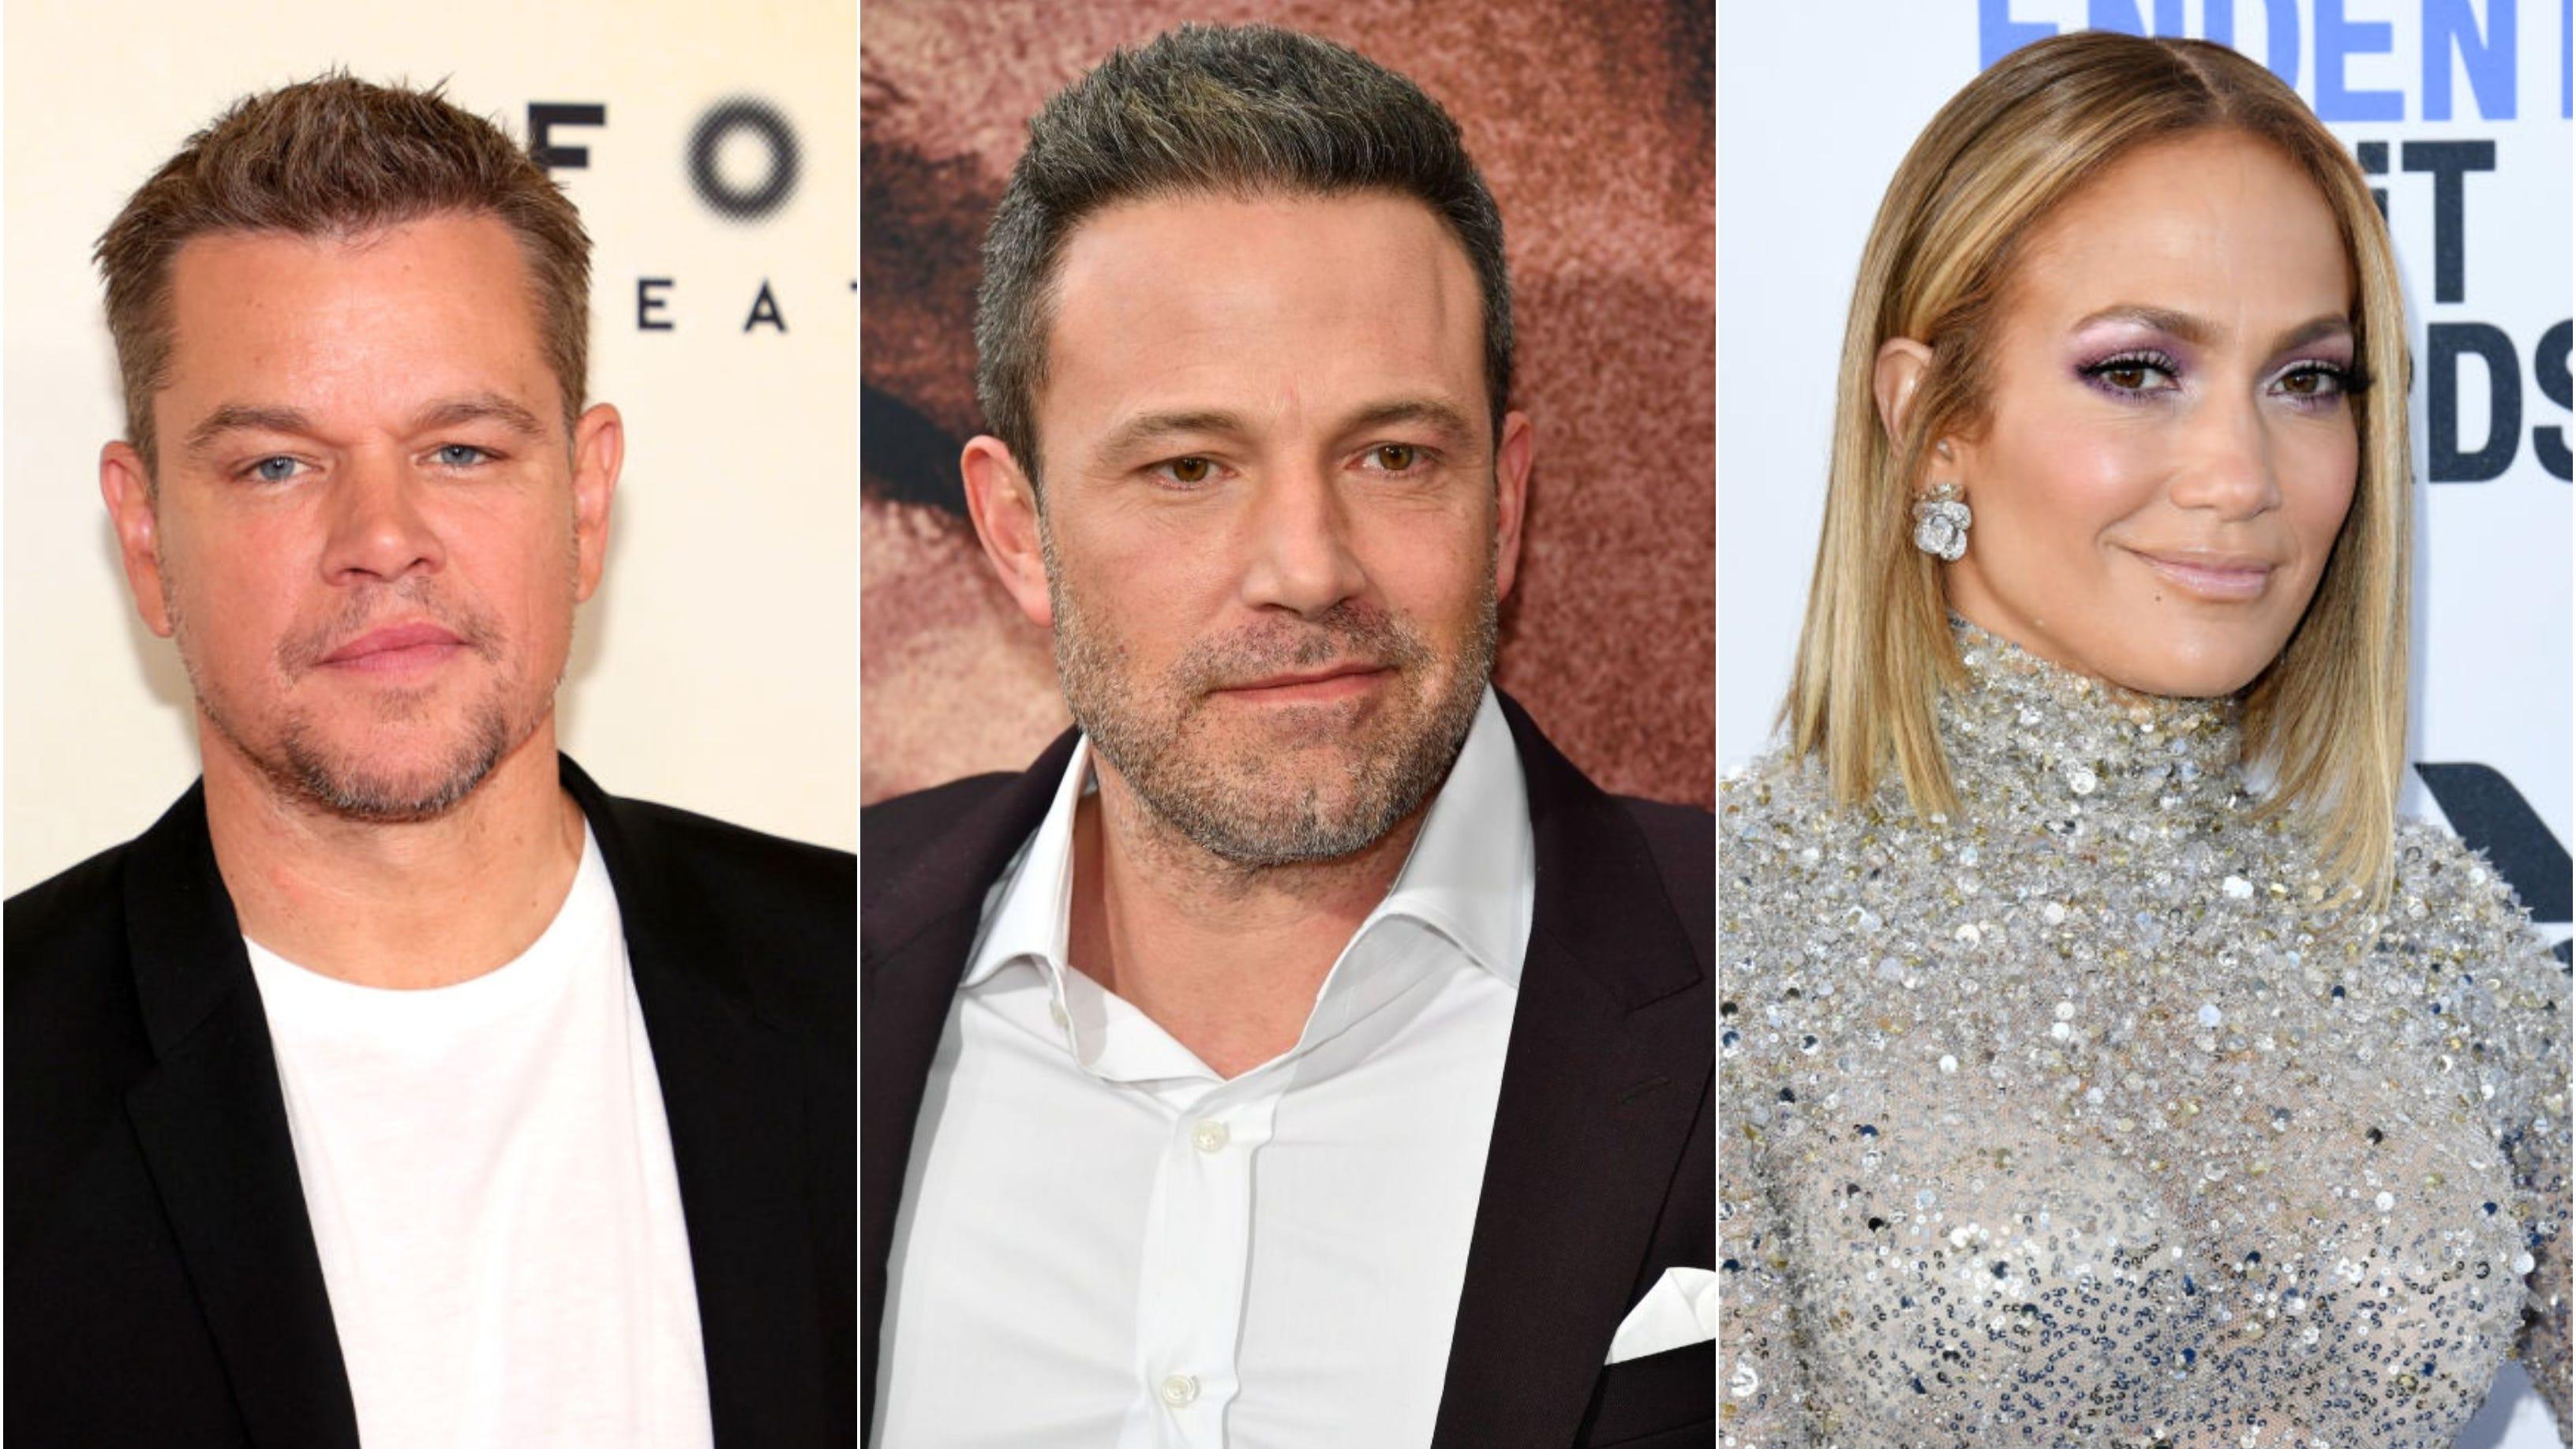 Matt Damon joins Ben Affleck and Jennifer Lopez for a stroll on the beach